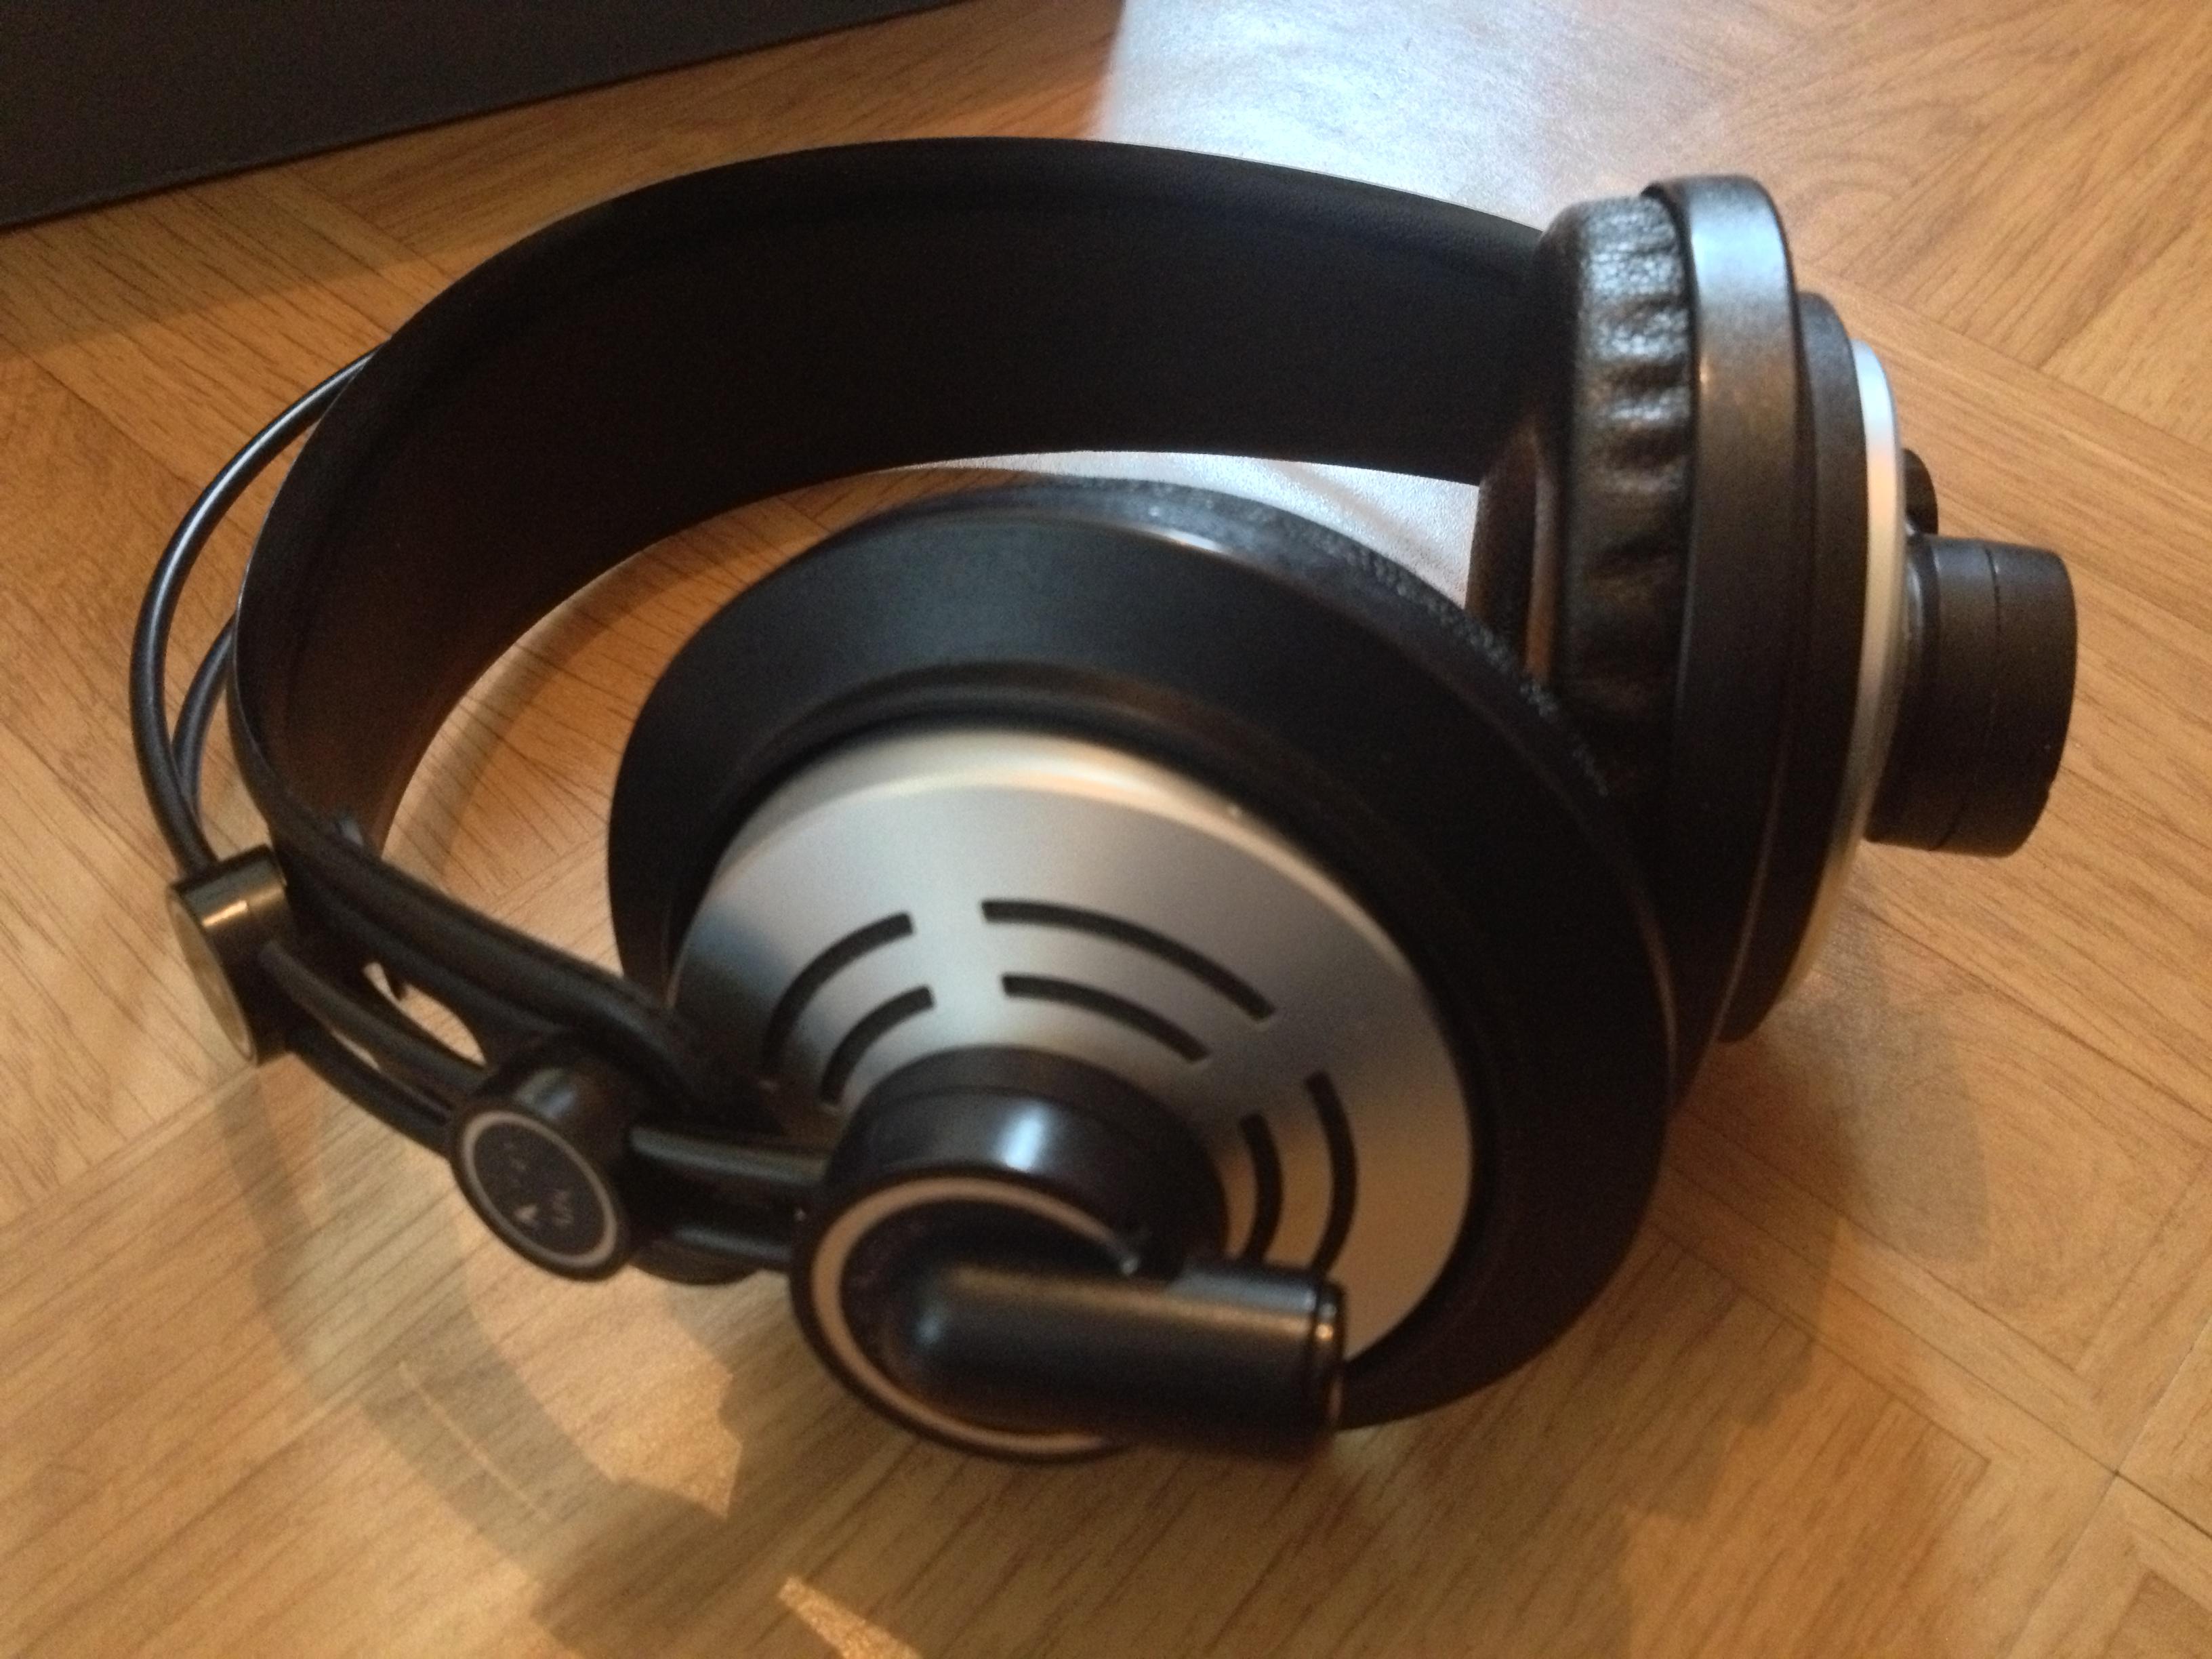 Köszönhető ez a félig nyitott kialakításának. A fülünket nem nyomja el  hosszas zenehallgatás után sem. Én személy szerint a plüss fülpárnák  viselését ... f5a5dc8a50